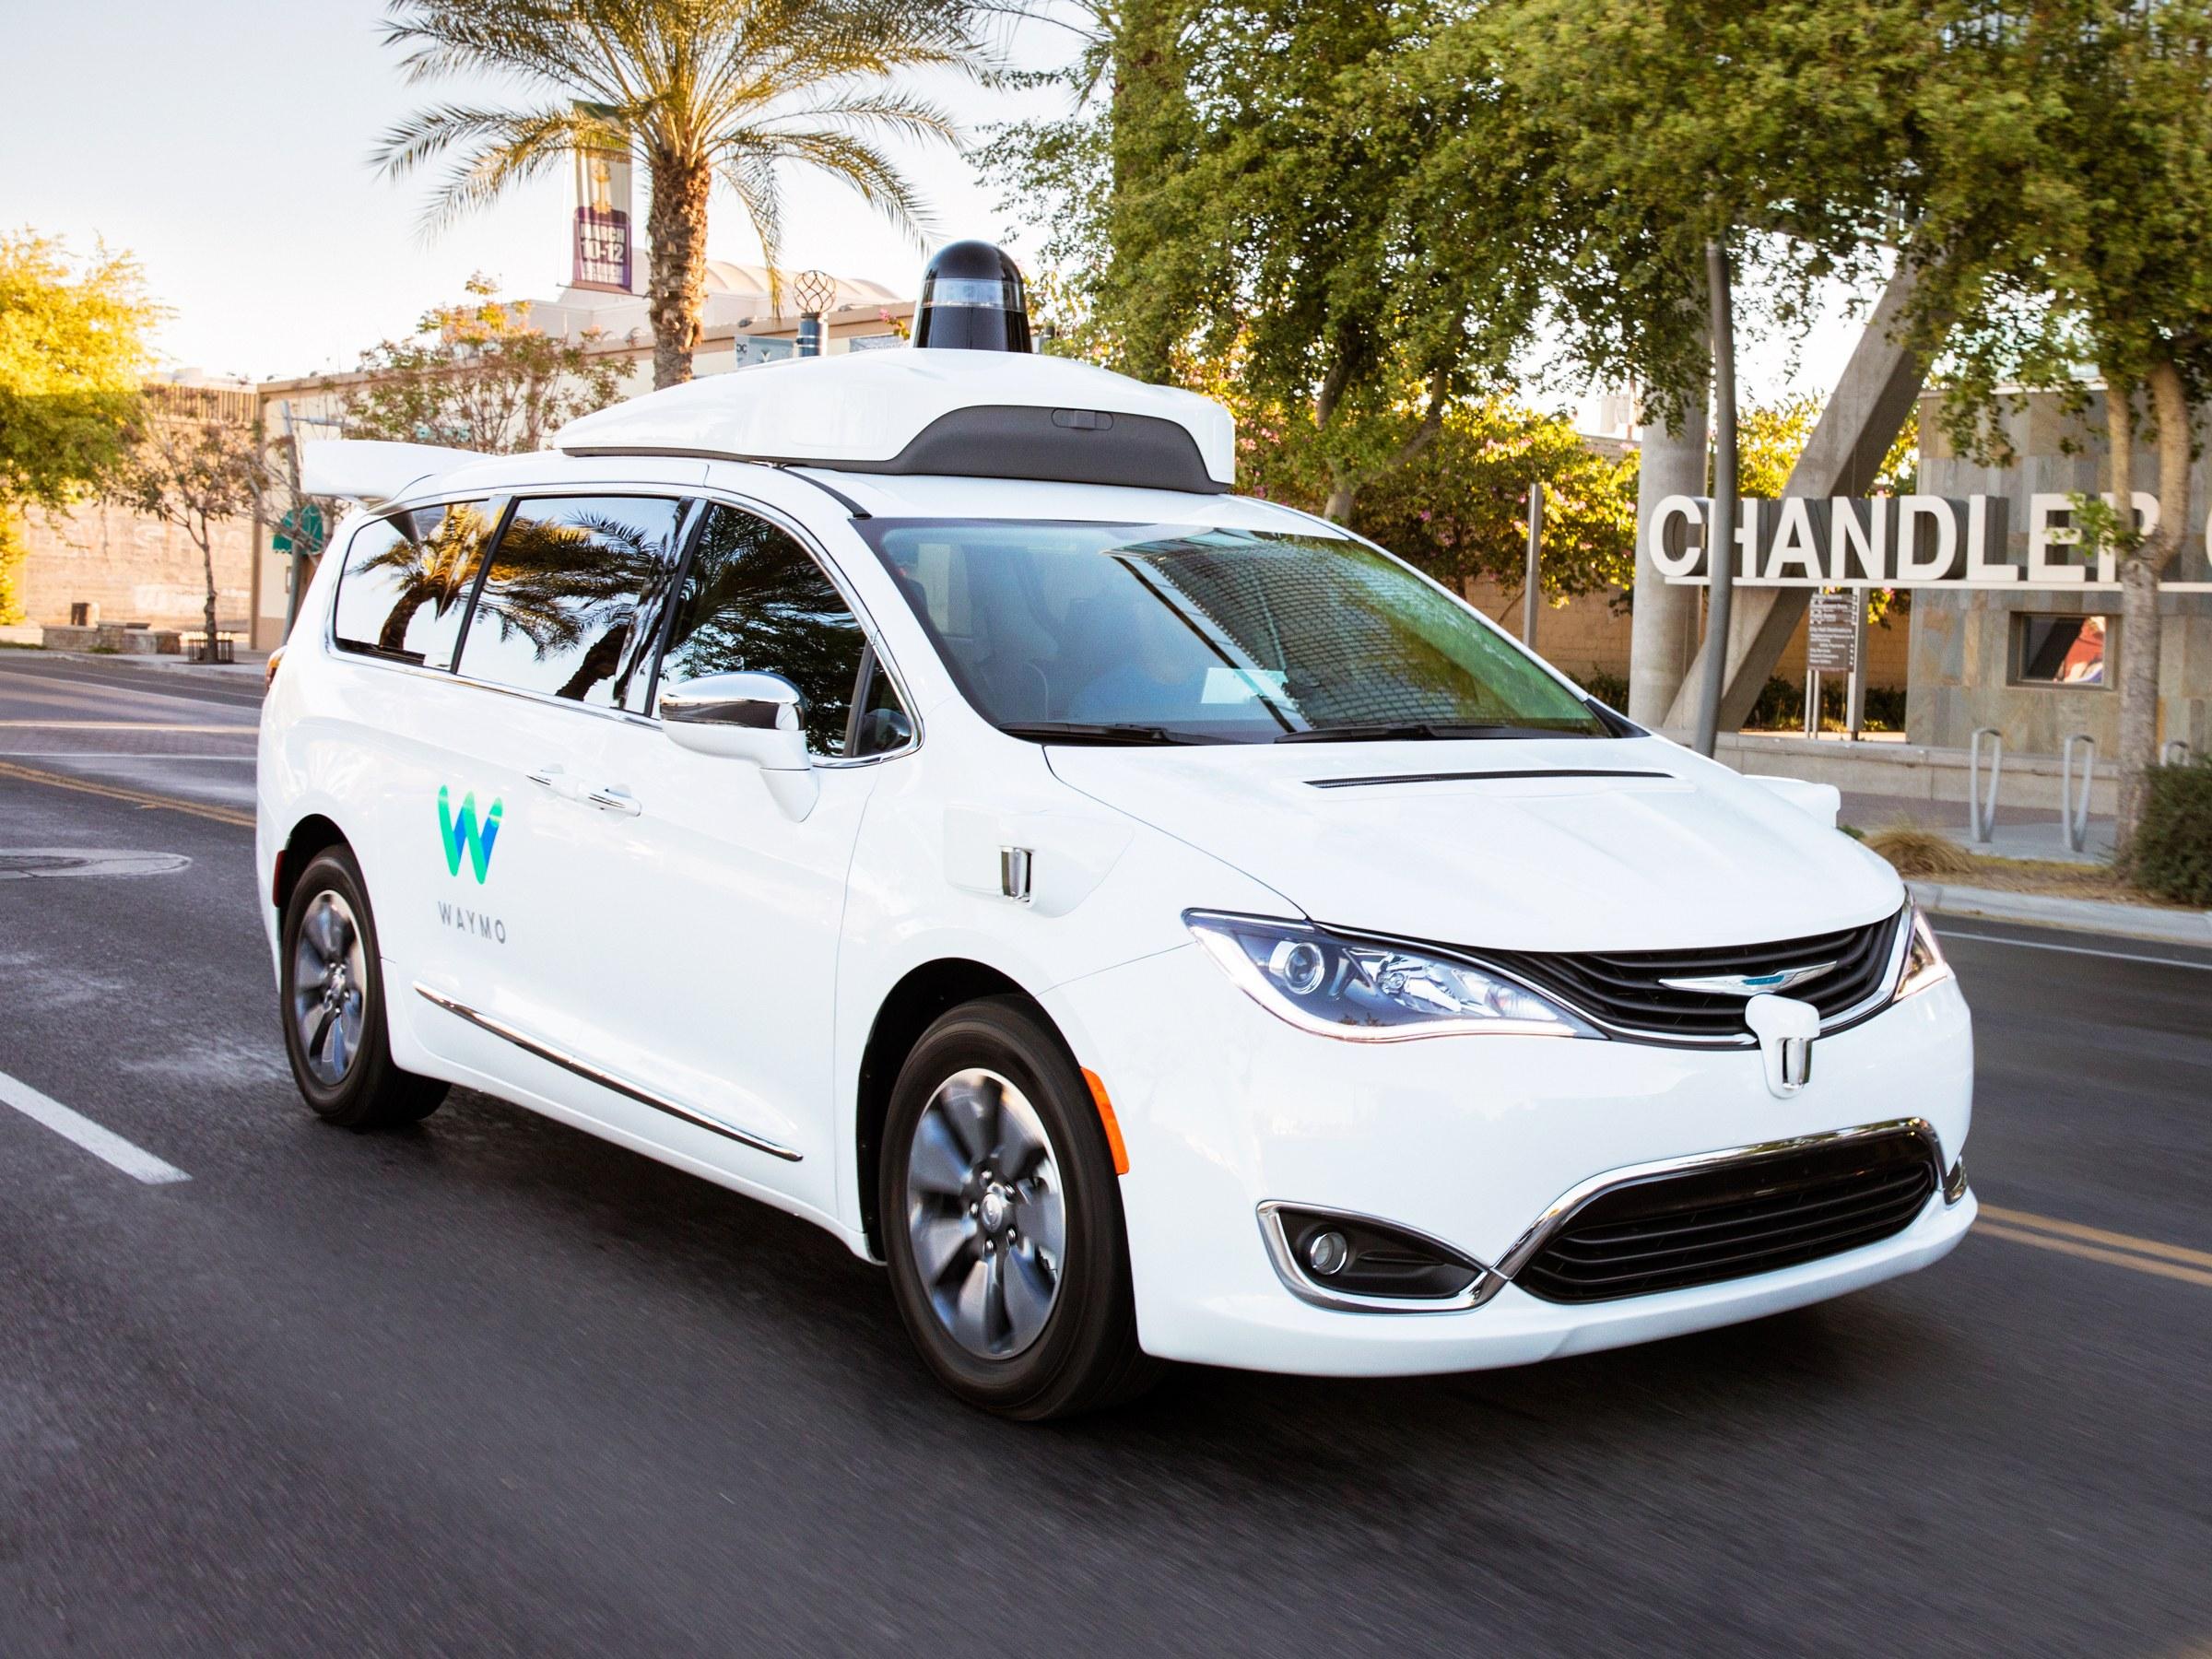 谷歌邮件曝光:无人车项目堤防百度、滴滴、Uber